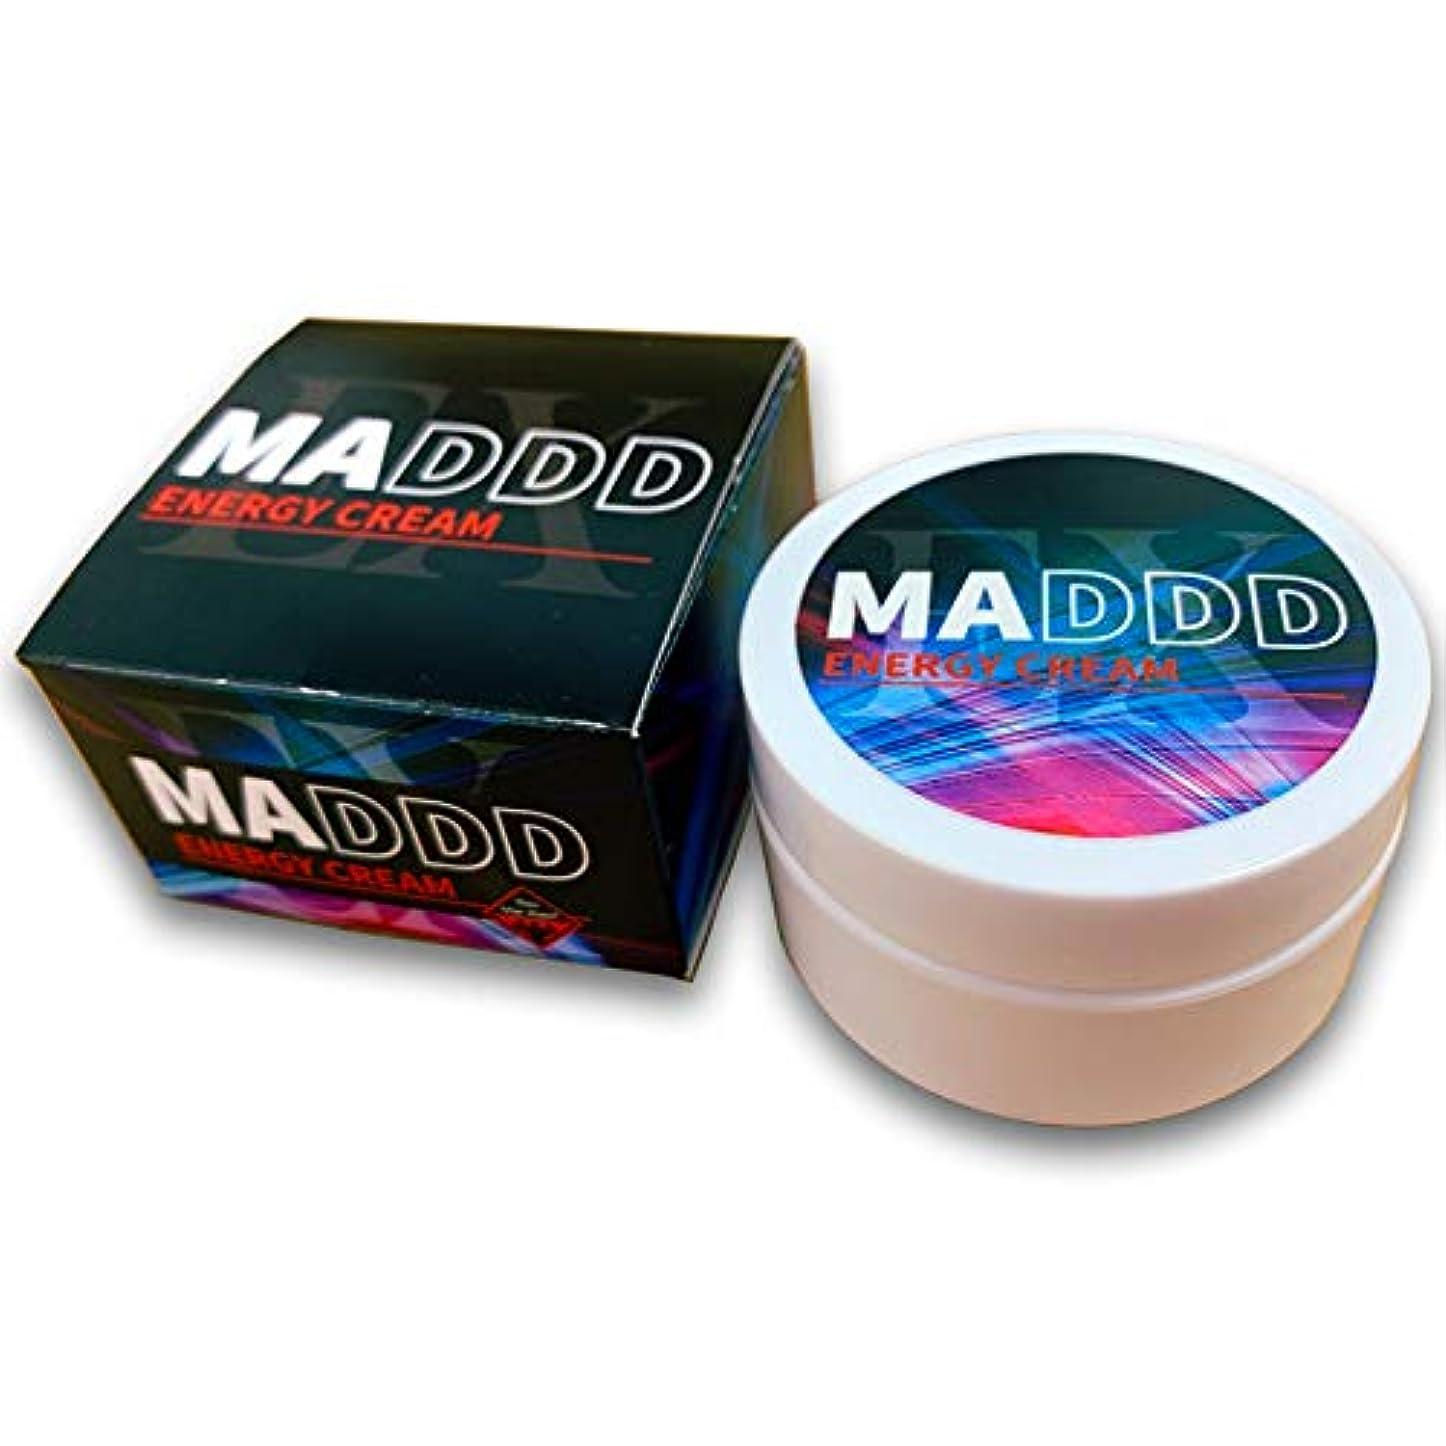 ラウズグレートオークバドミントンMADDD EX 増大クリーム 自信 持続力 厳選成分 50g (単品購入)